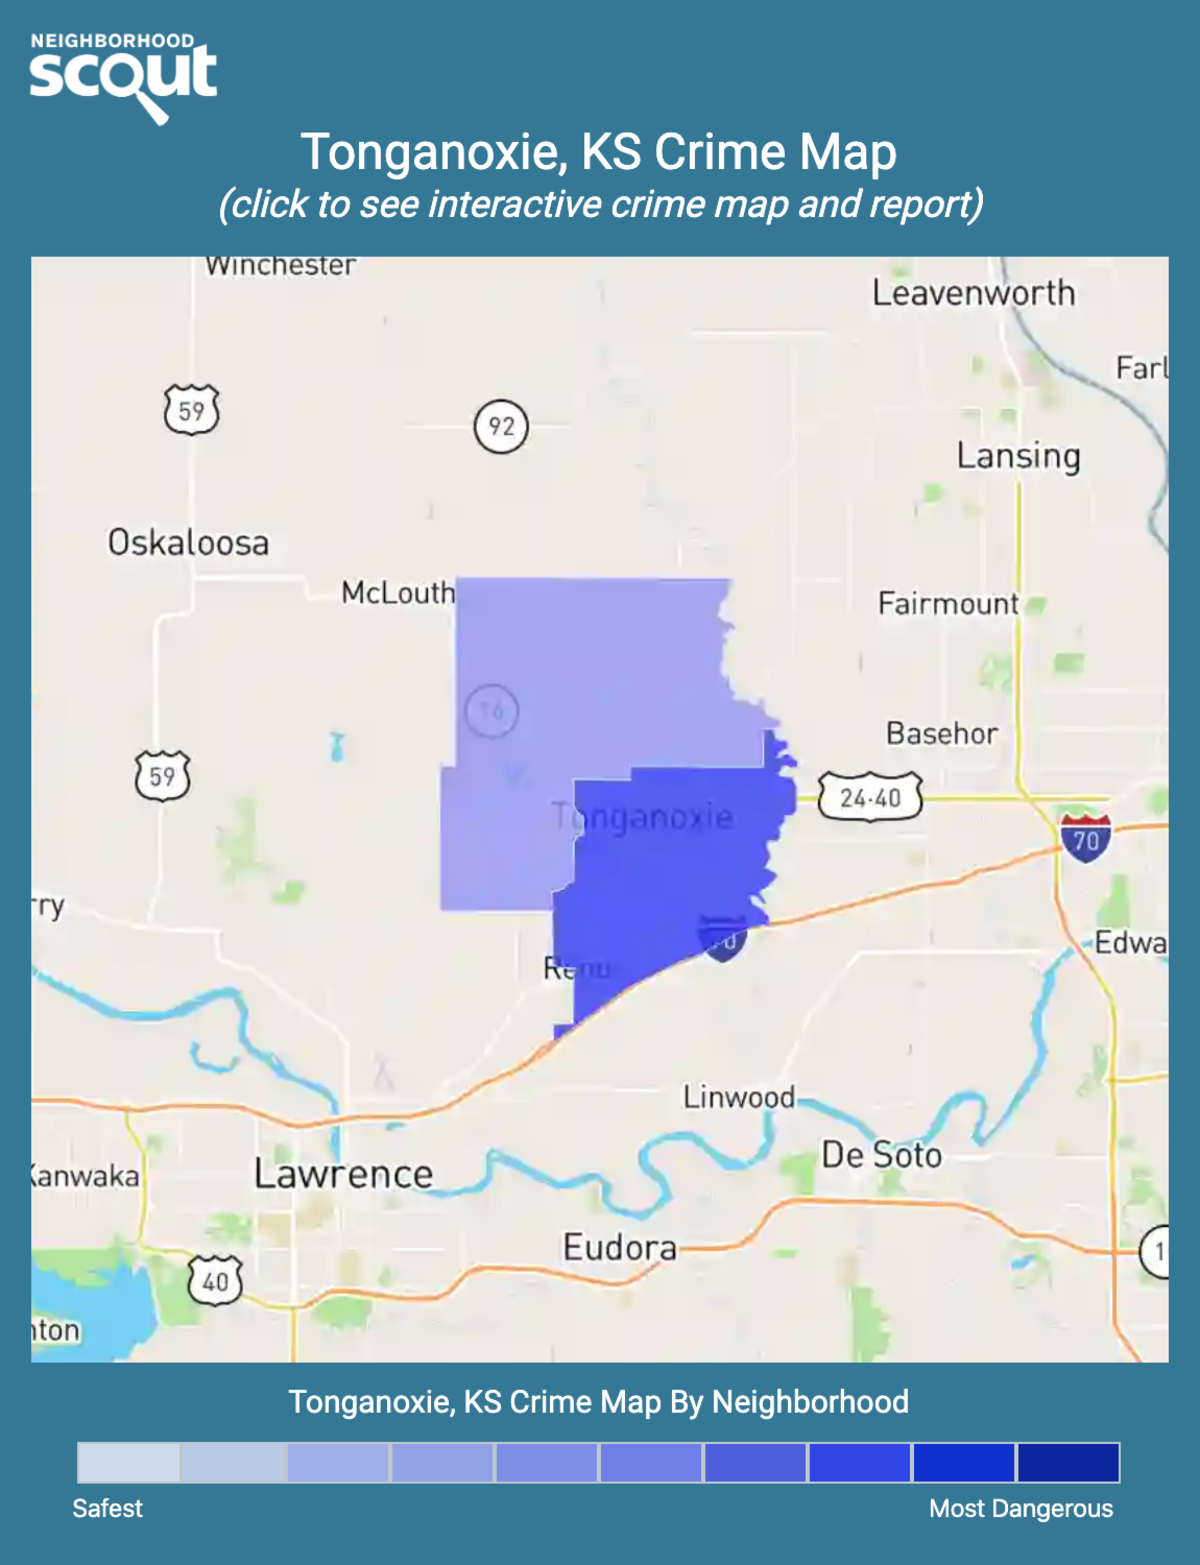 Tonganoxie, Kansas crime map